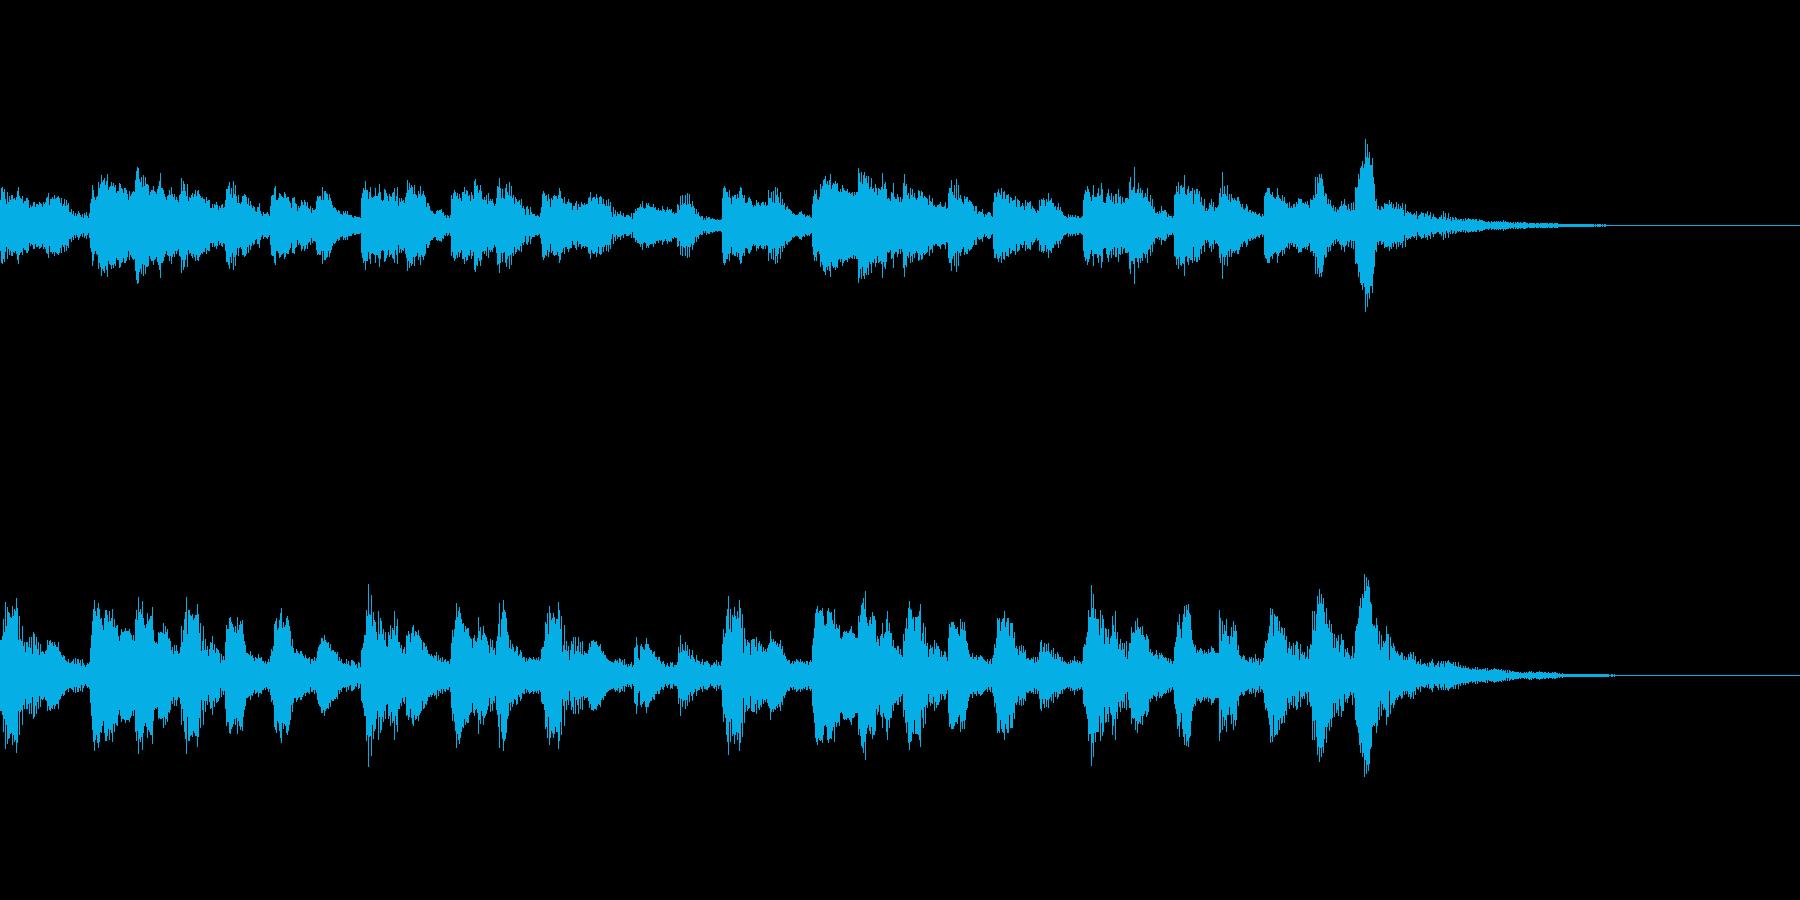 【森の散歩道】ショートヴァージョンBGMの再生済みの波形